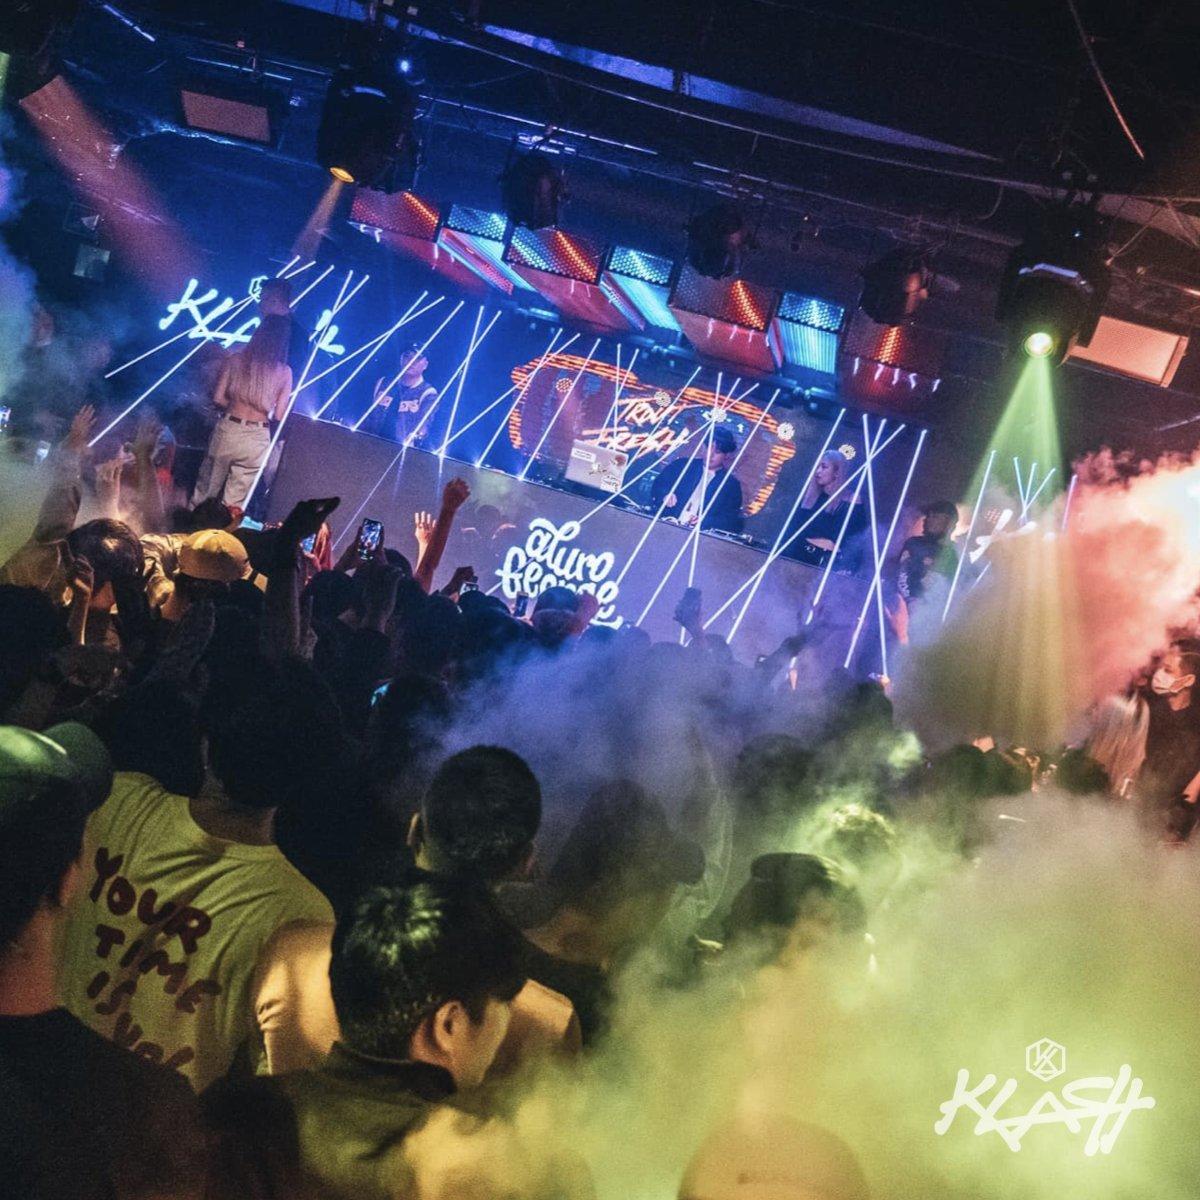 KLASH nightclub